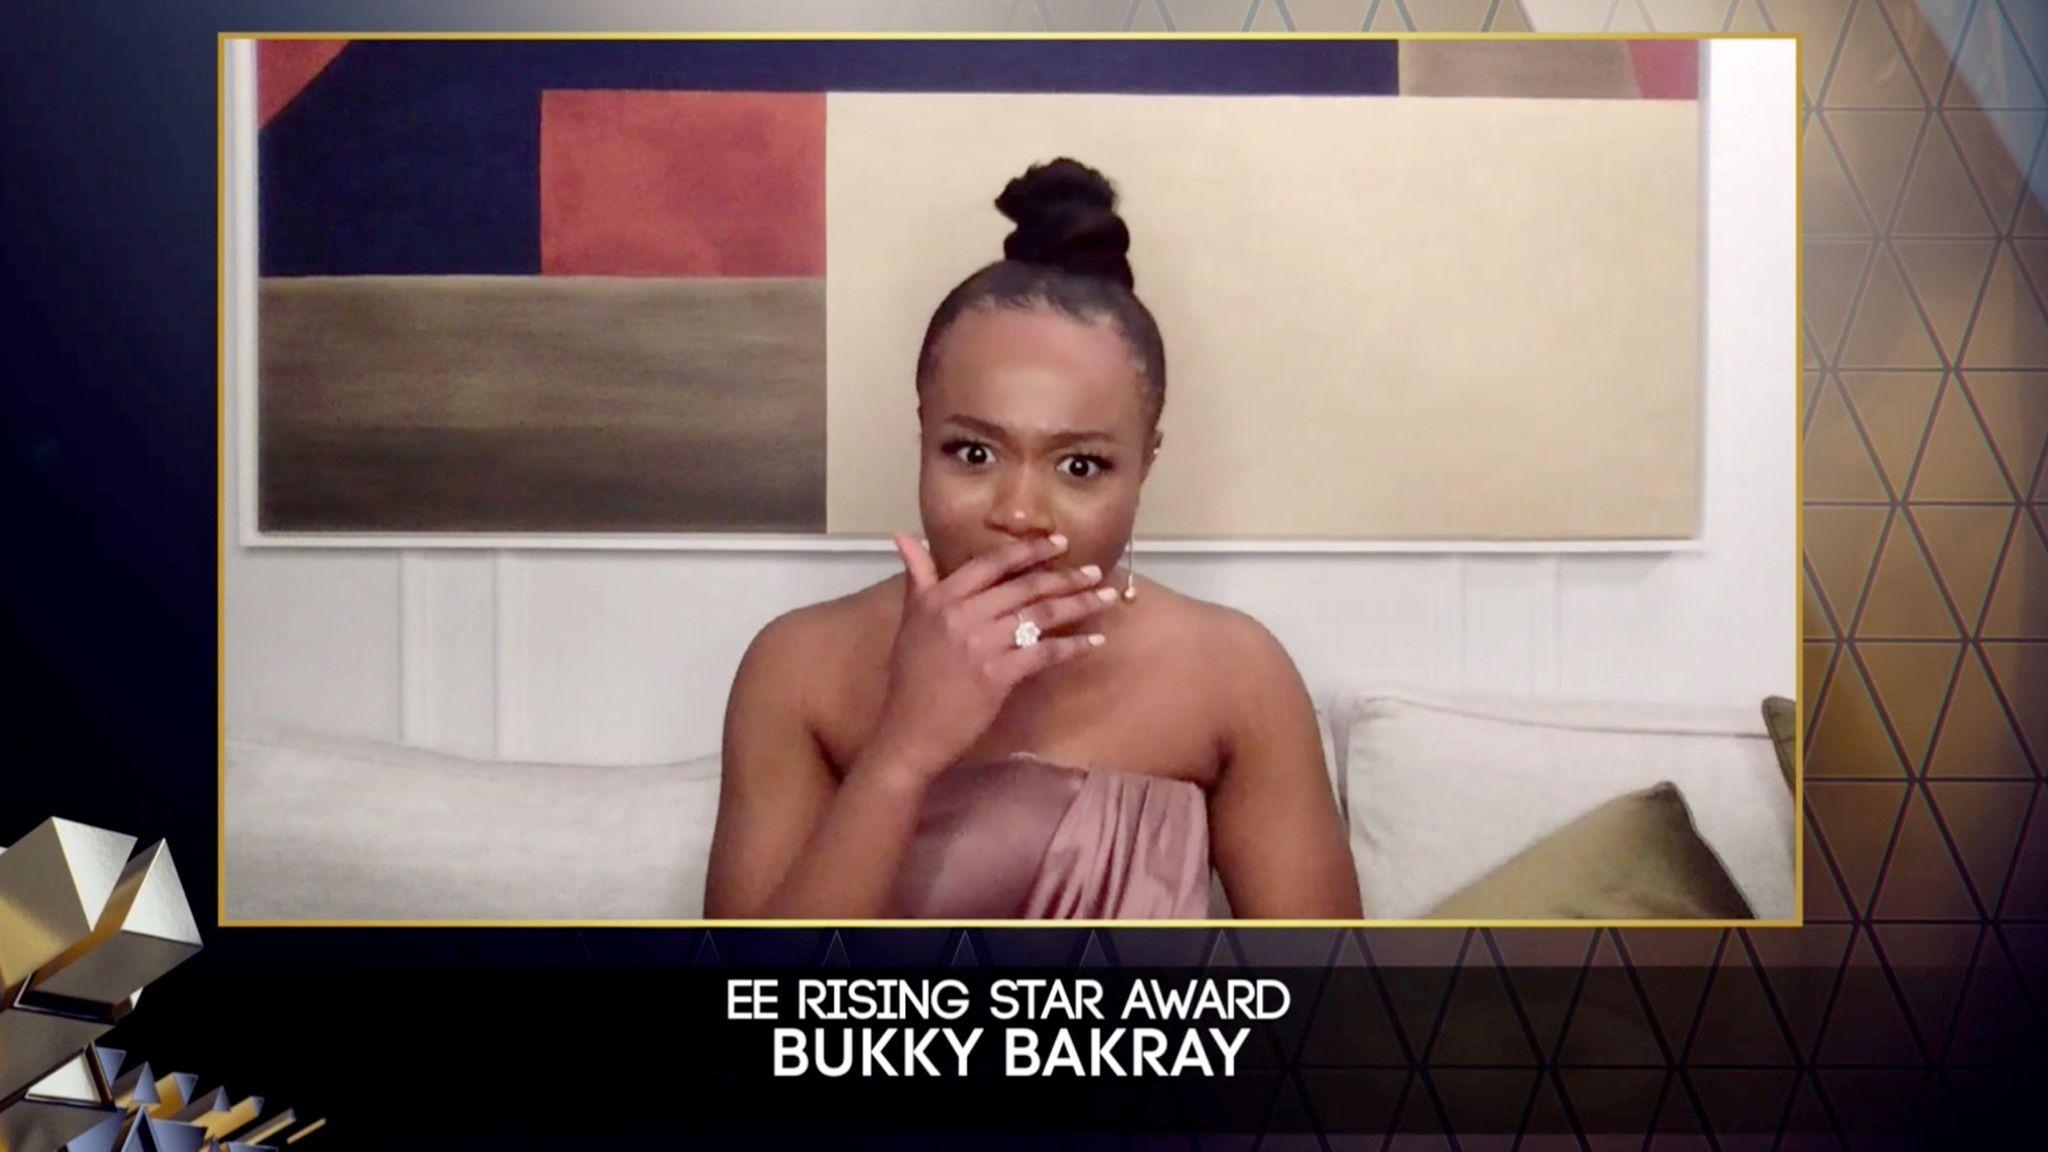 Bukky Bakray won the Rising Star award. Pic: BAFTA/Reuters